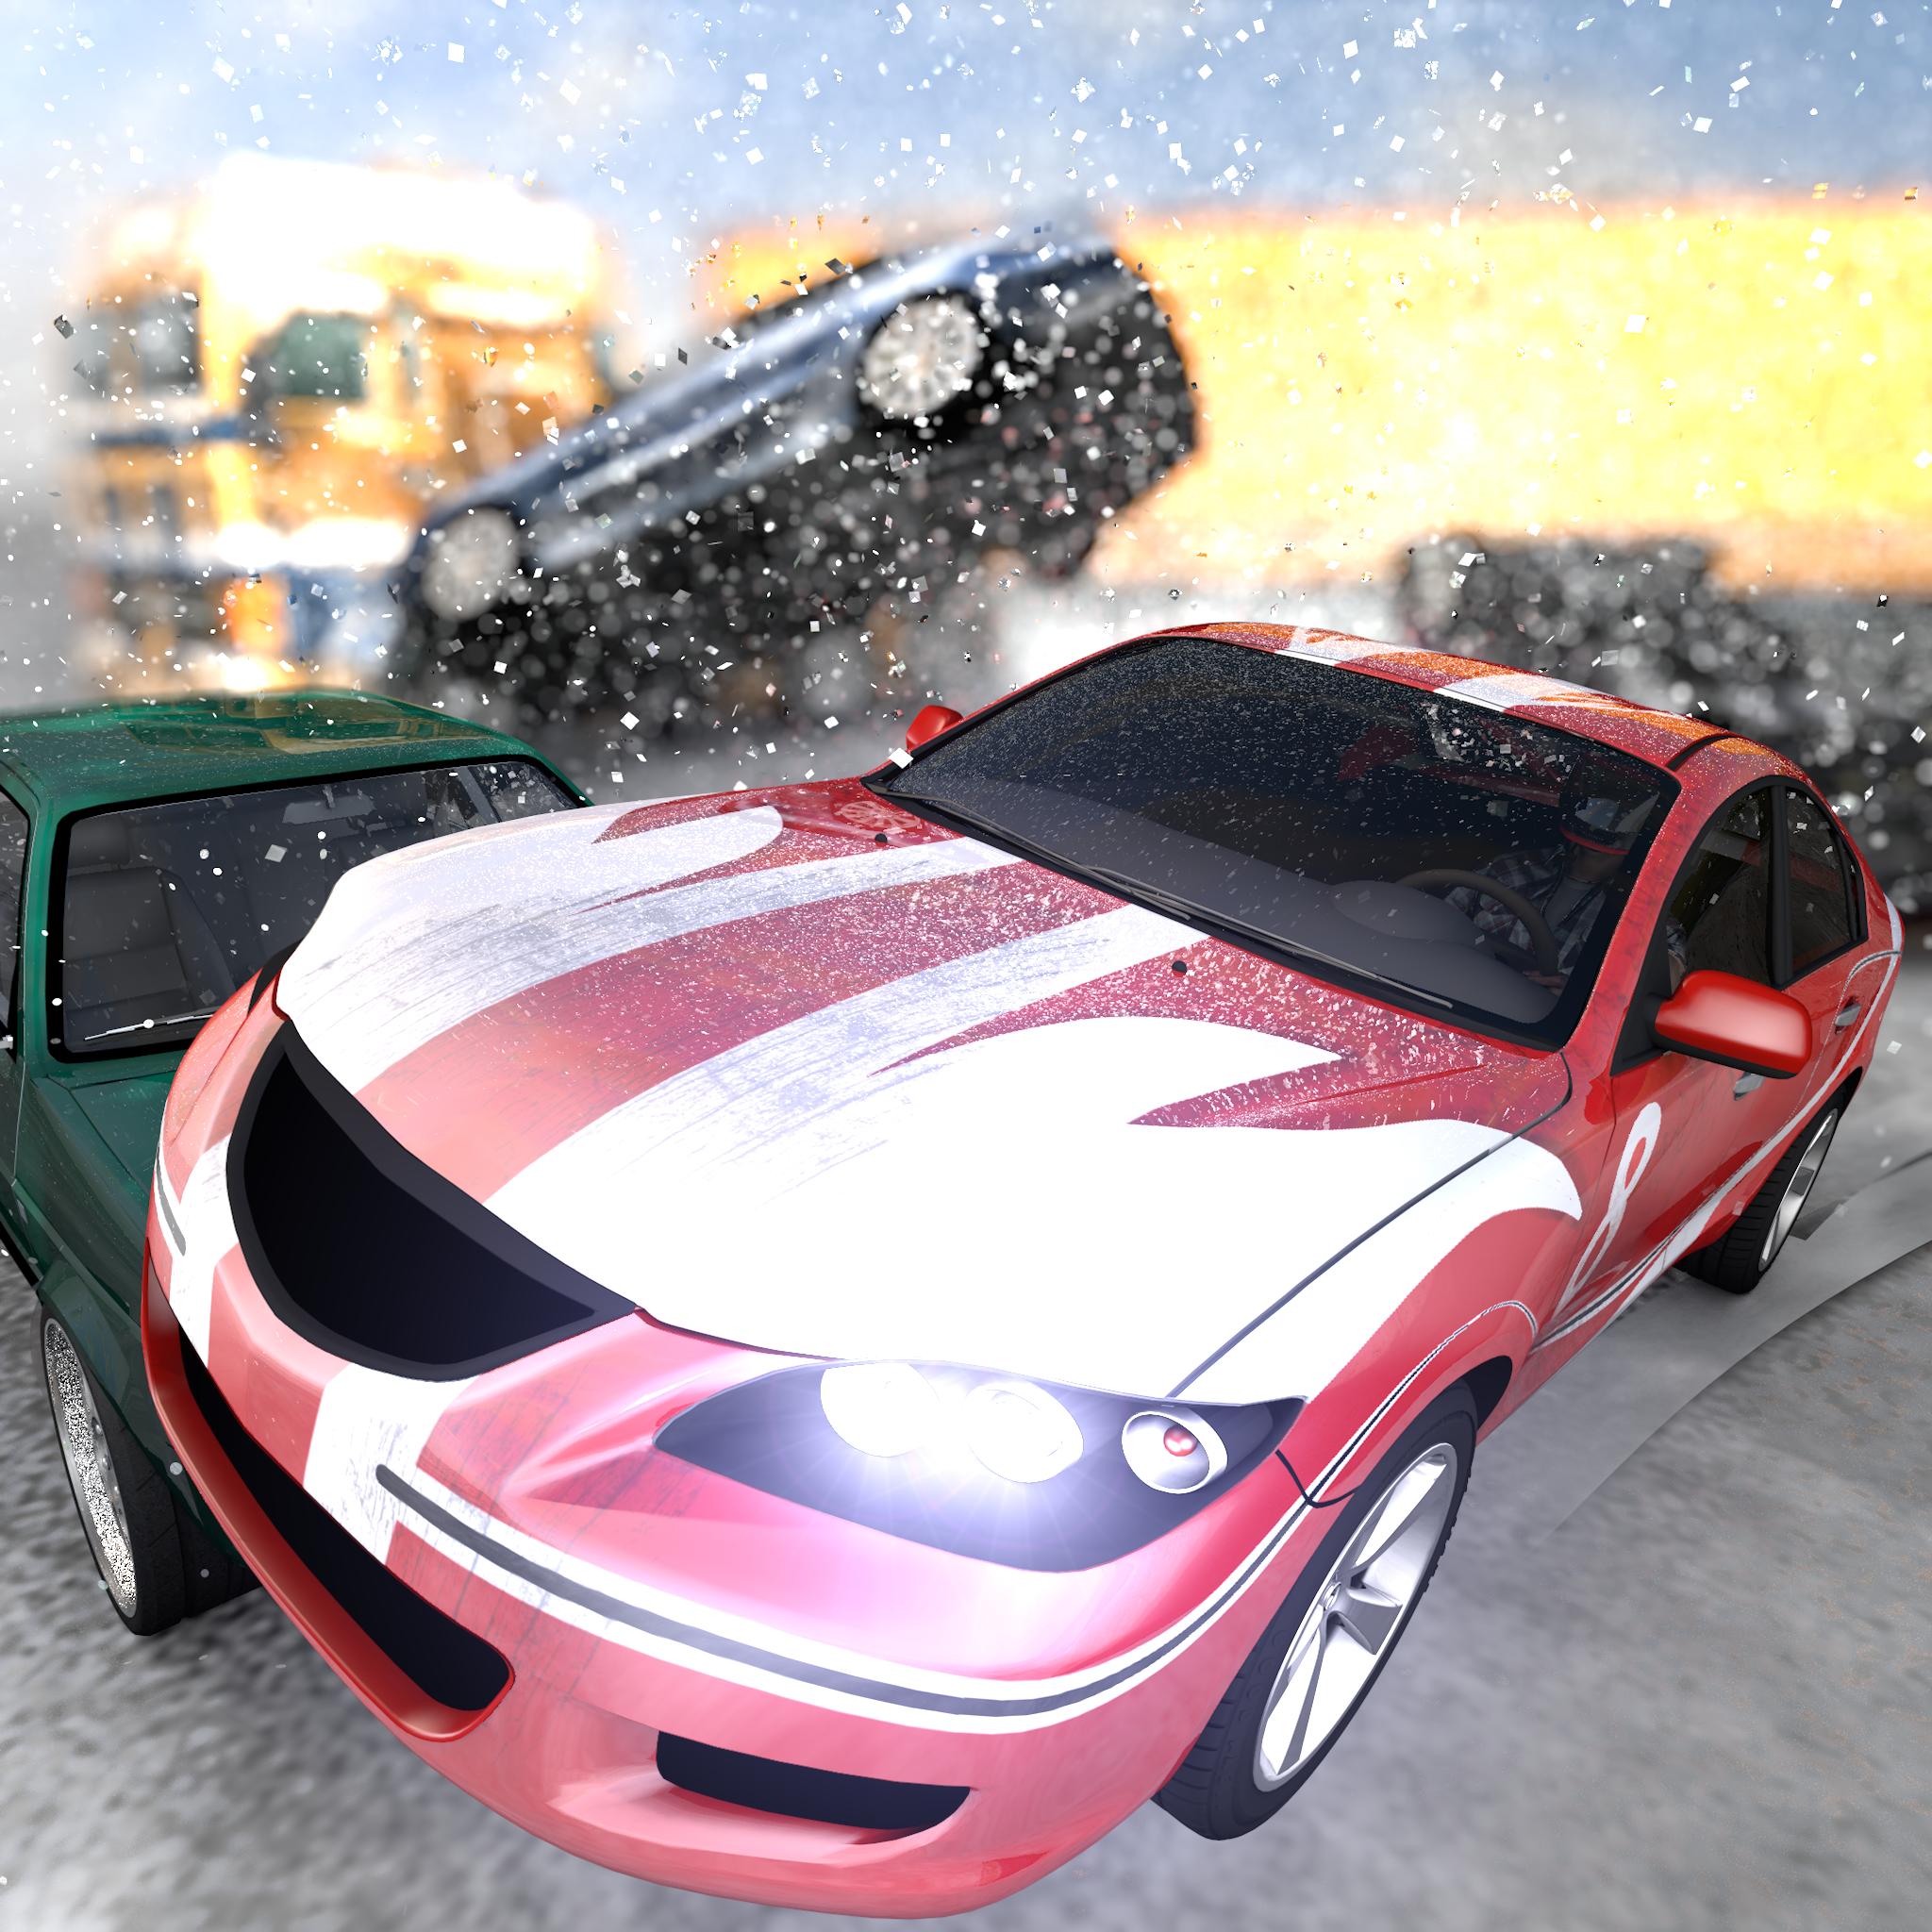 Autobahn Crash Derby